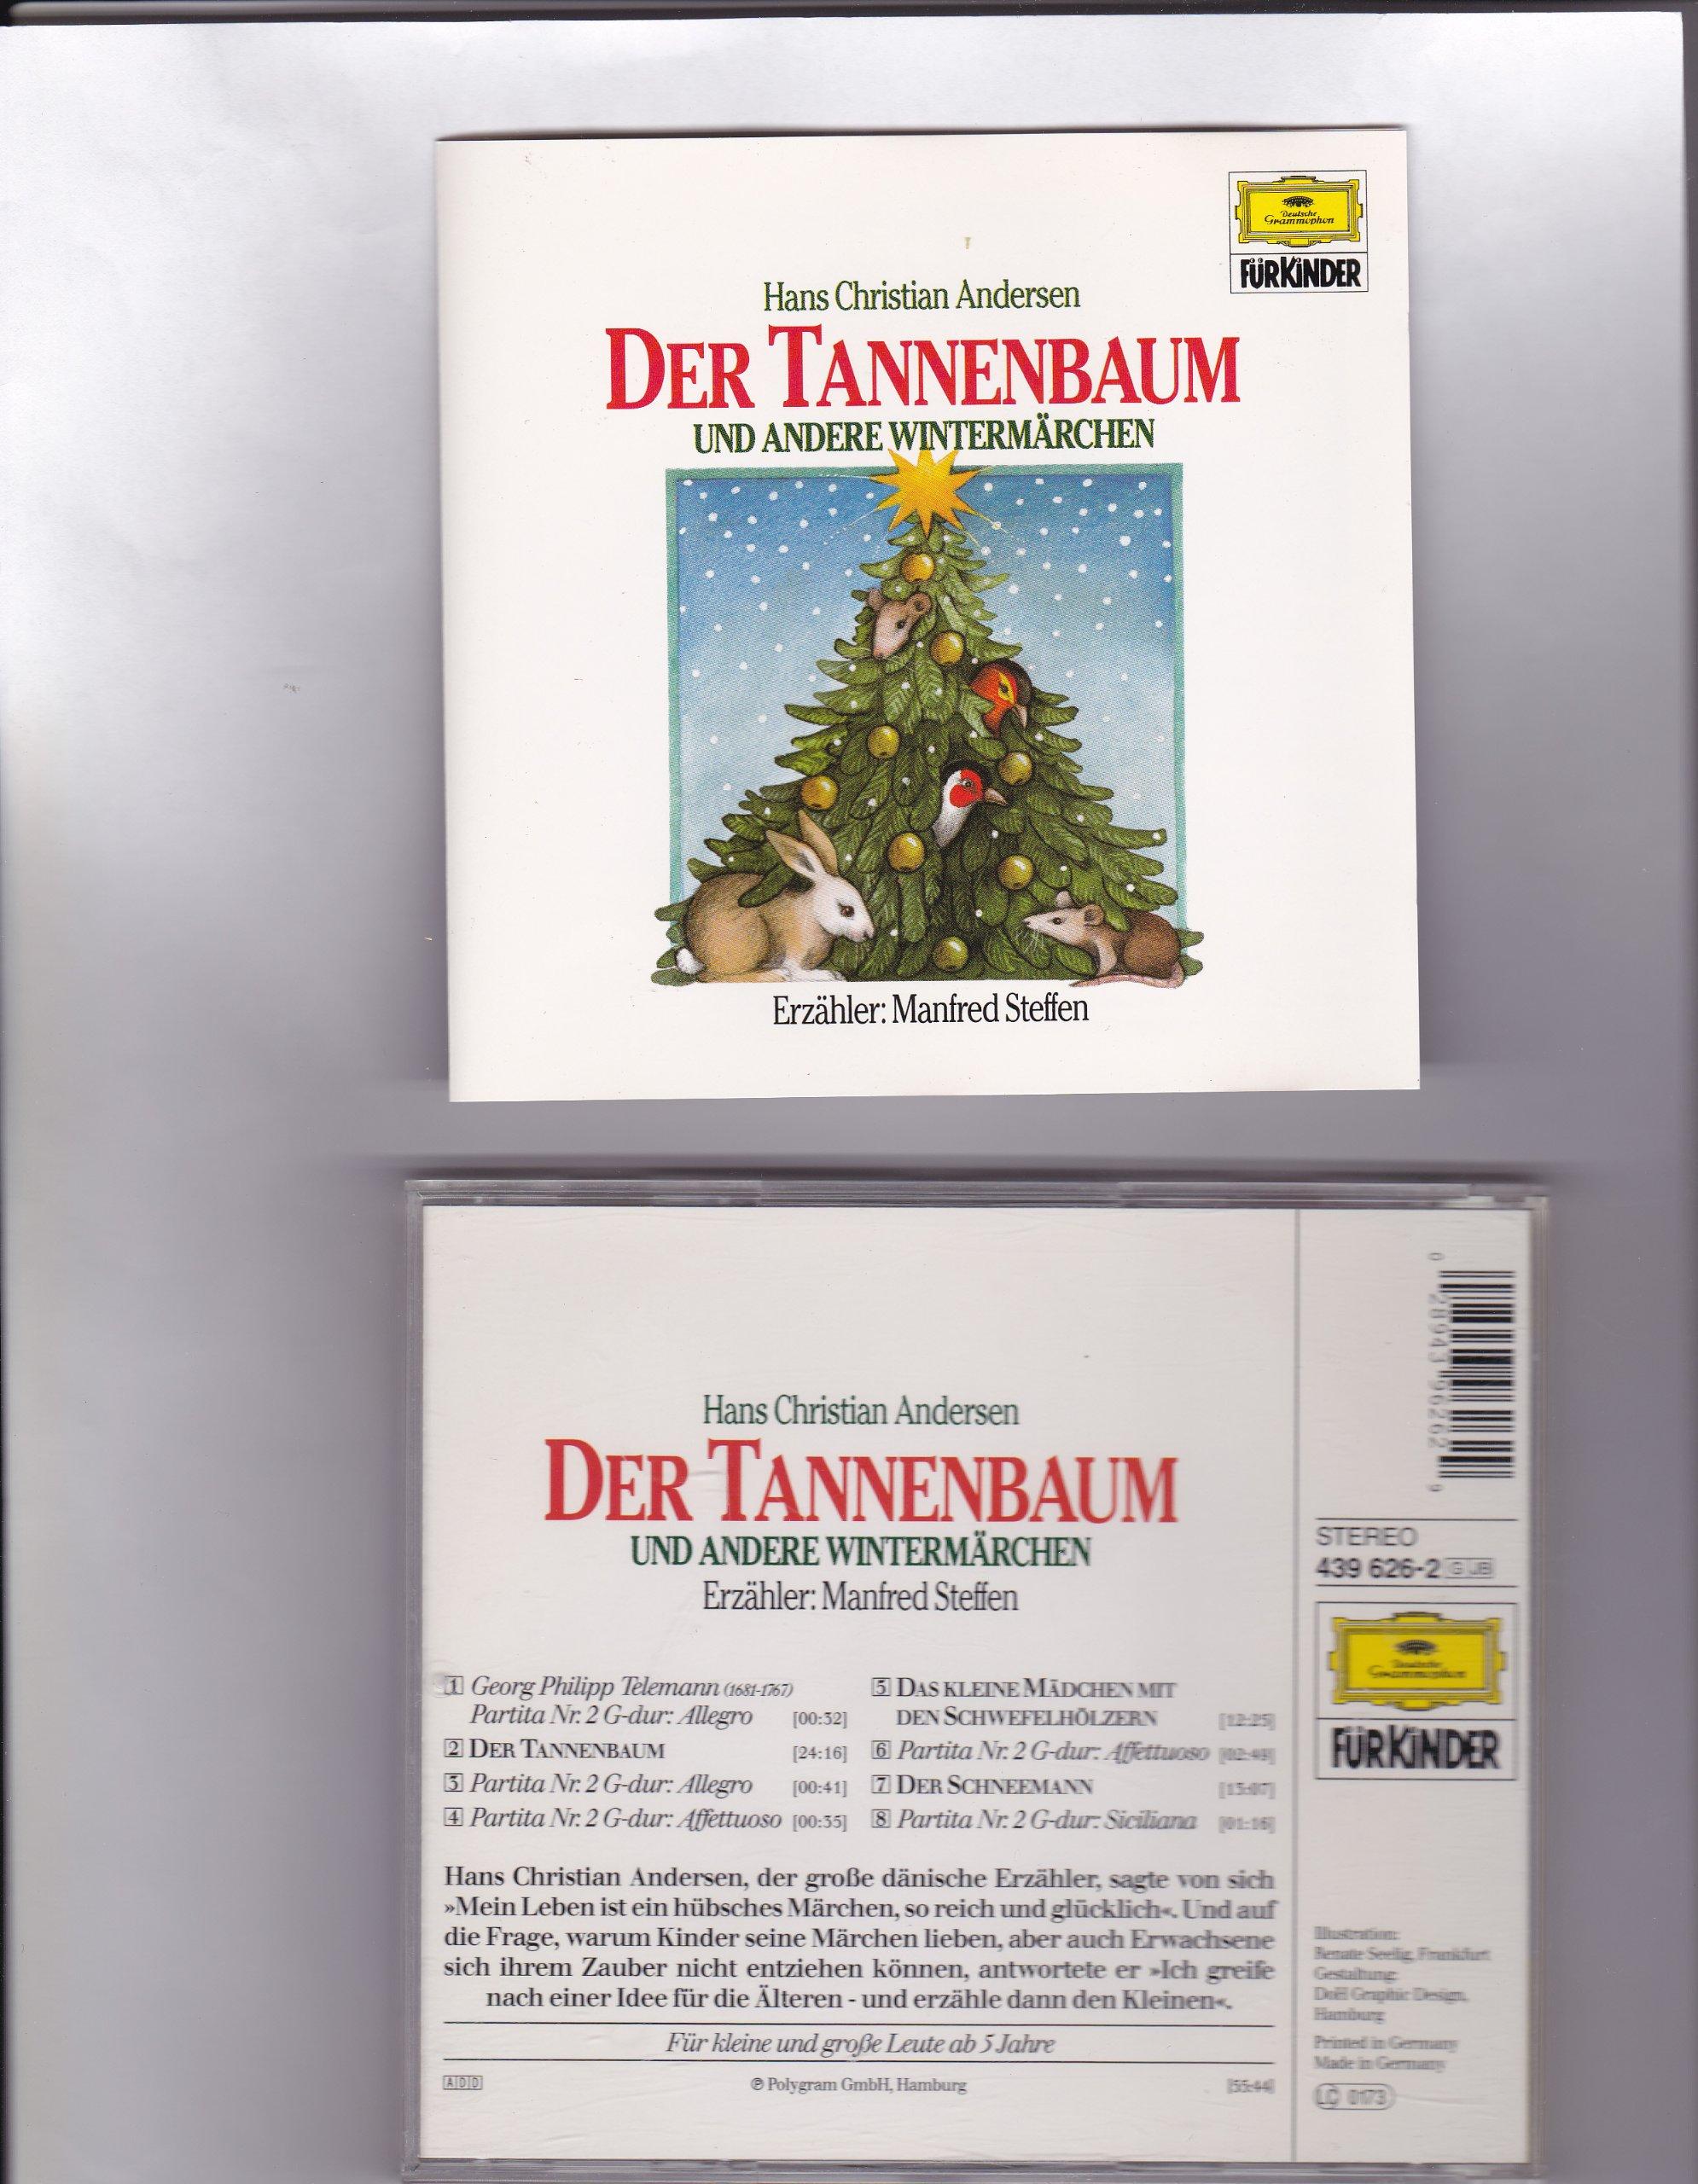 Märchen Von Hans Christian Andersen Der Tannenbaum.Der Tannenbaum Und Andere Weihnachtsgeschichten Amazon De Hans Ch